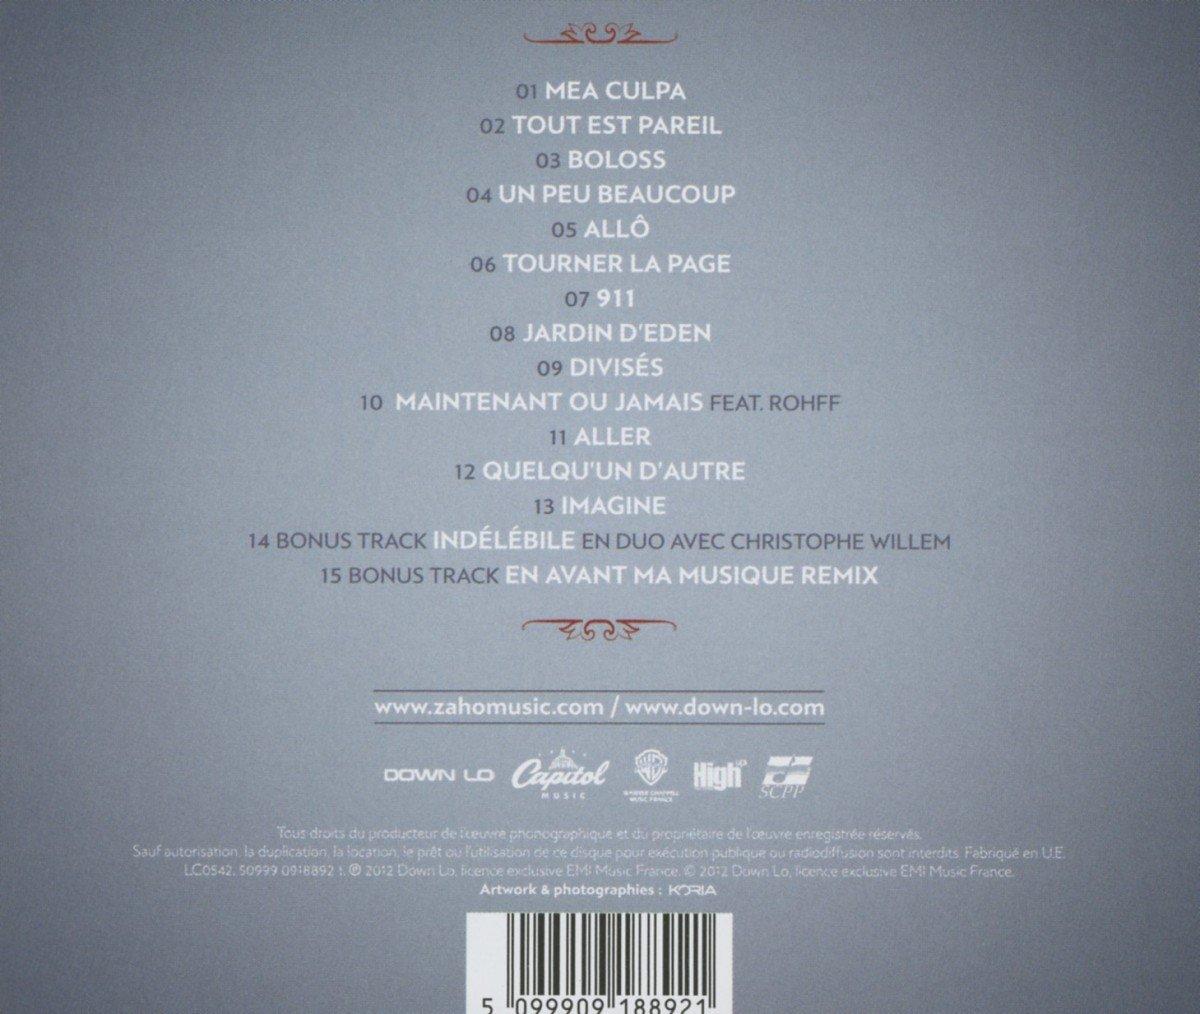 ZAHO TOUT EST PAREIL MP3 GRATUIT GRATUIT